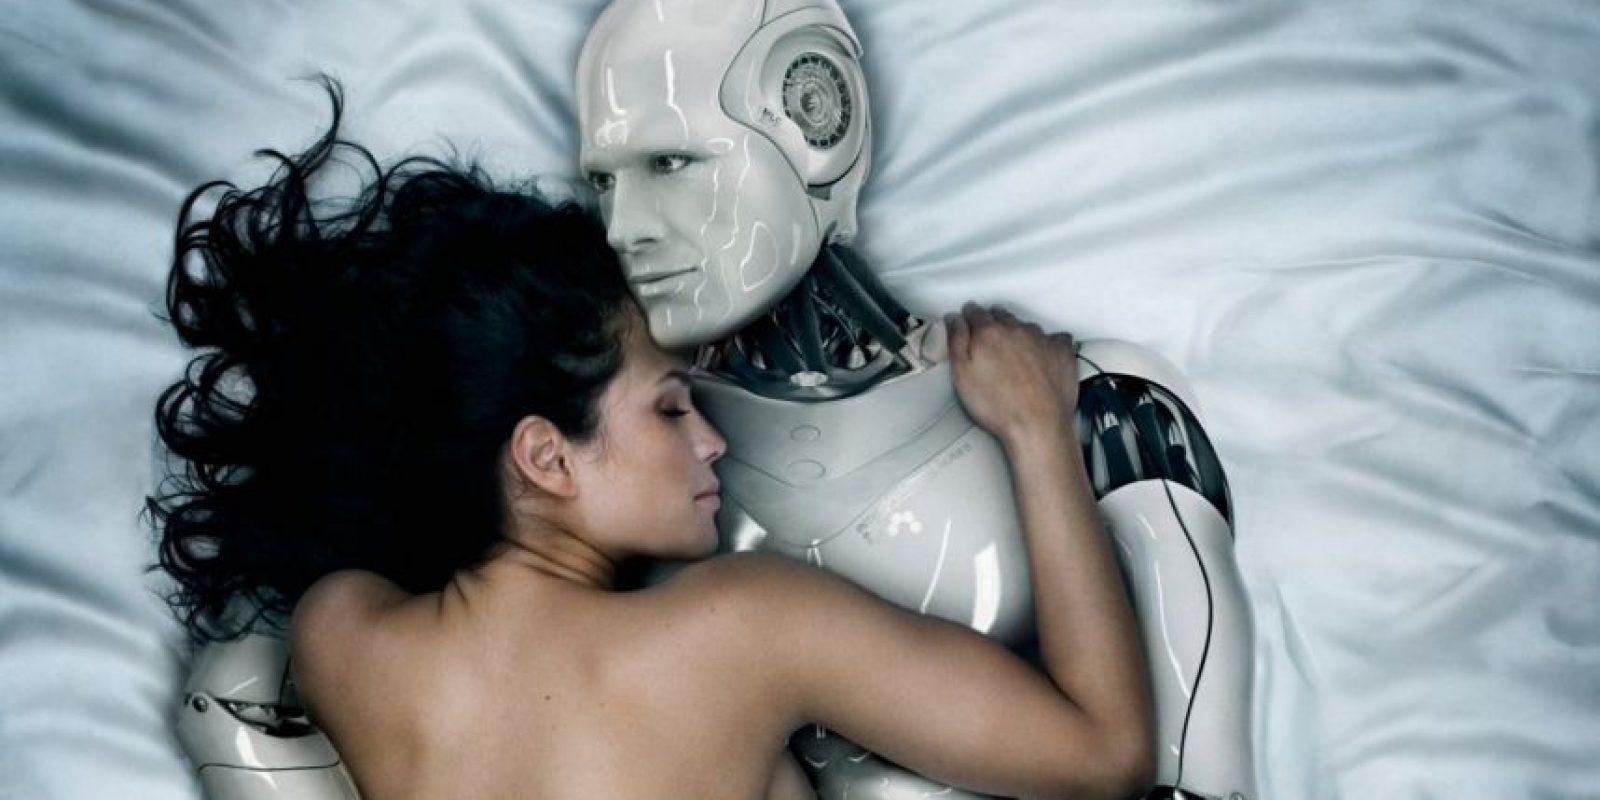 Los expertos creen que los robots sexuales del futuro no podrán ser extremadamente reales Foto:Tumblr